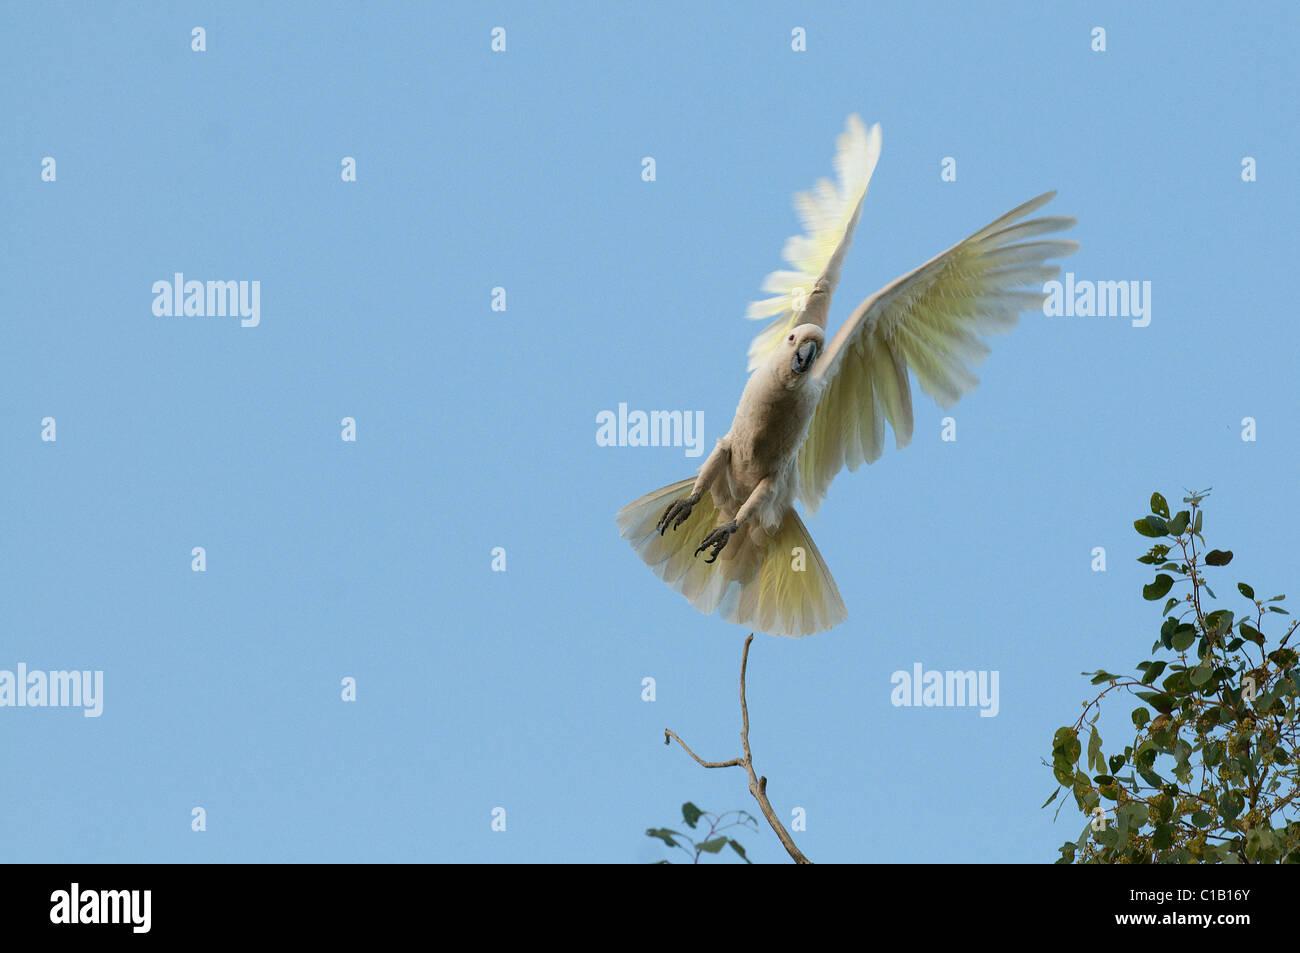 Sulphur-crested Cockatoo Cacatua galerita Queensland Australia - Stock Image